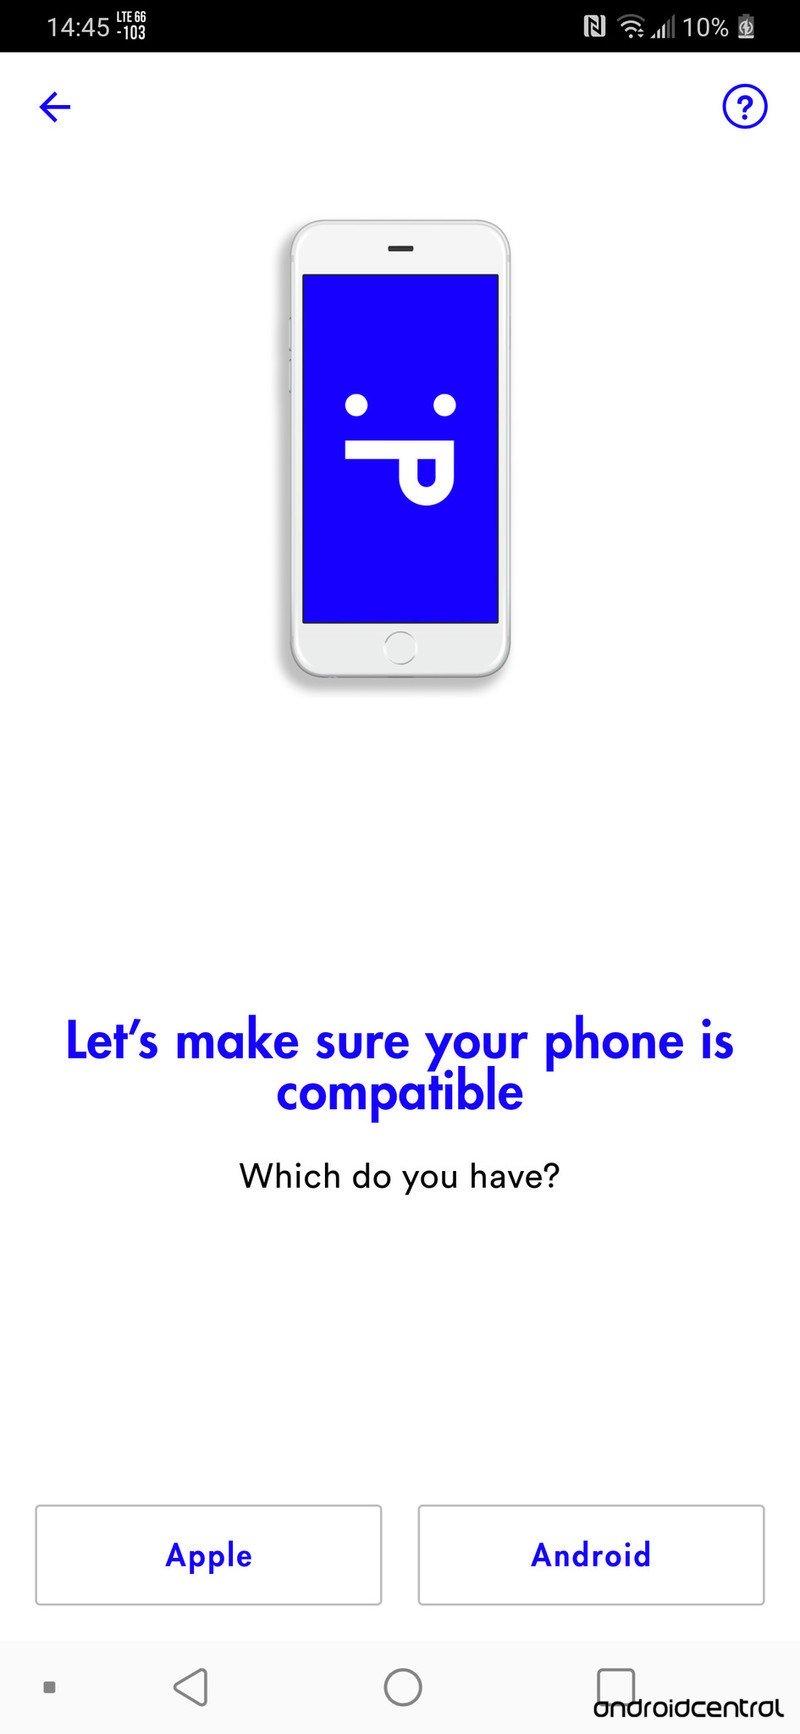 visible-app-signup-2.jpg?itok=6Zrks_QH